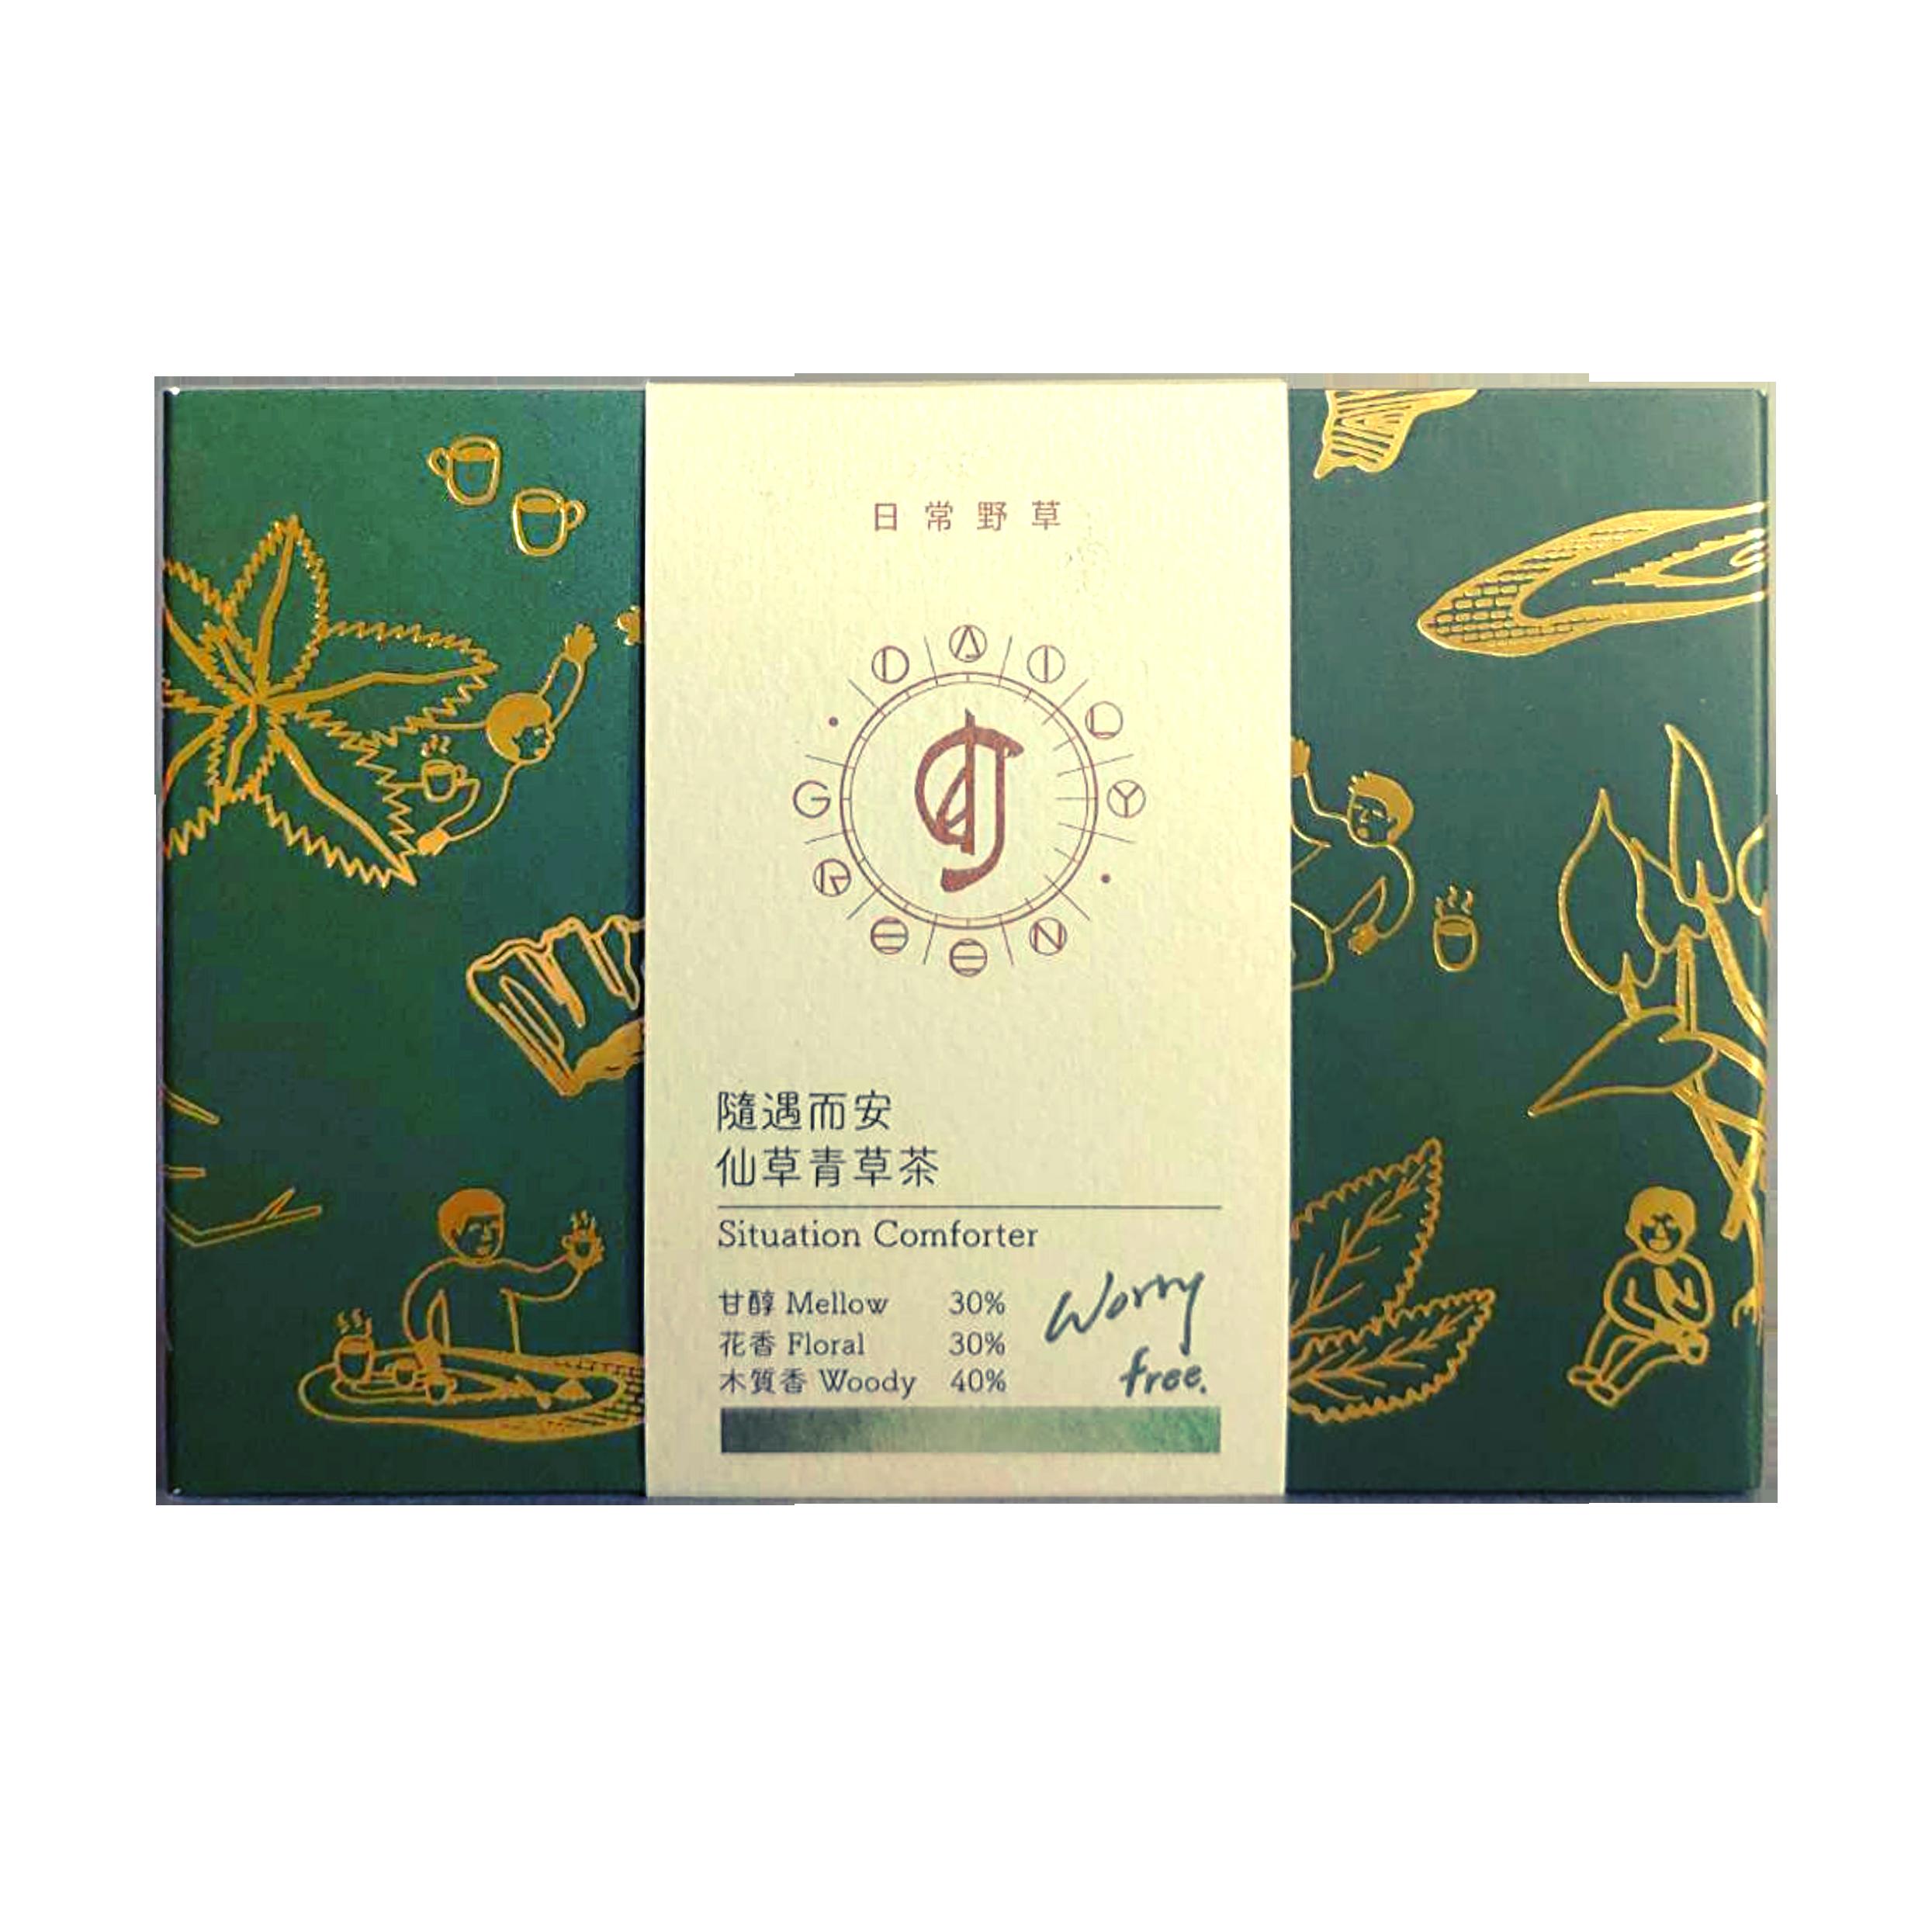 【日常野草】仙草青草茶包 5入 - 茶包 青草茶 養生茶包 冷泡茶包 天然青草